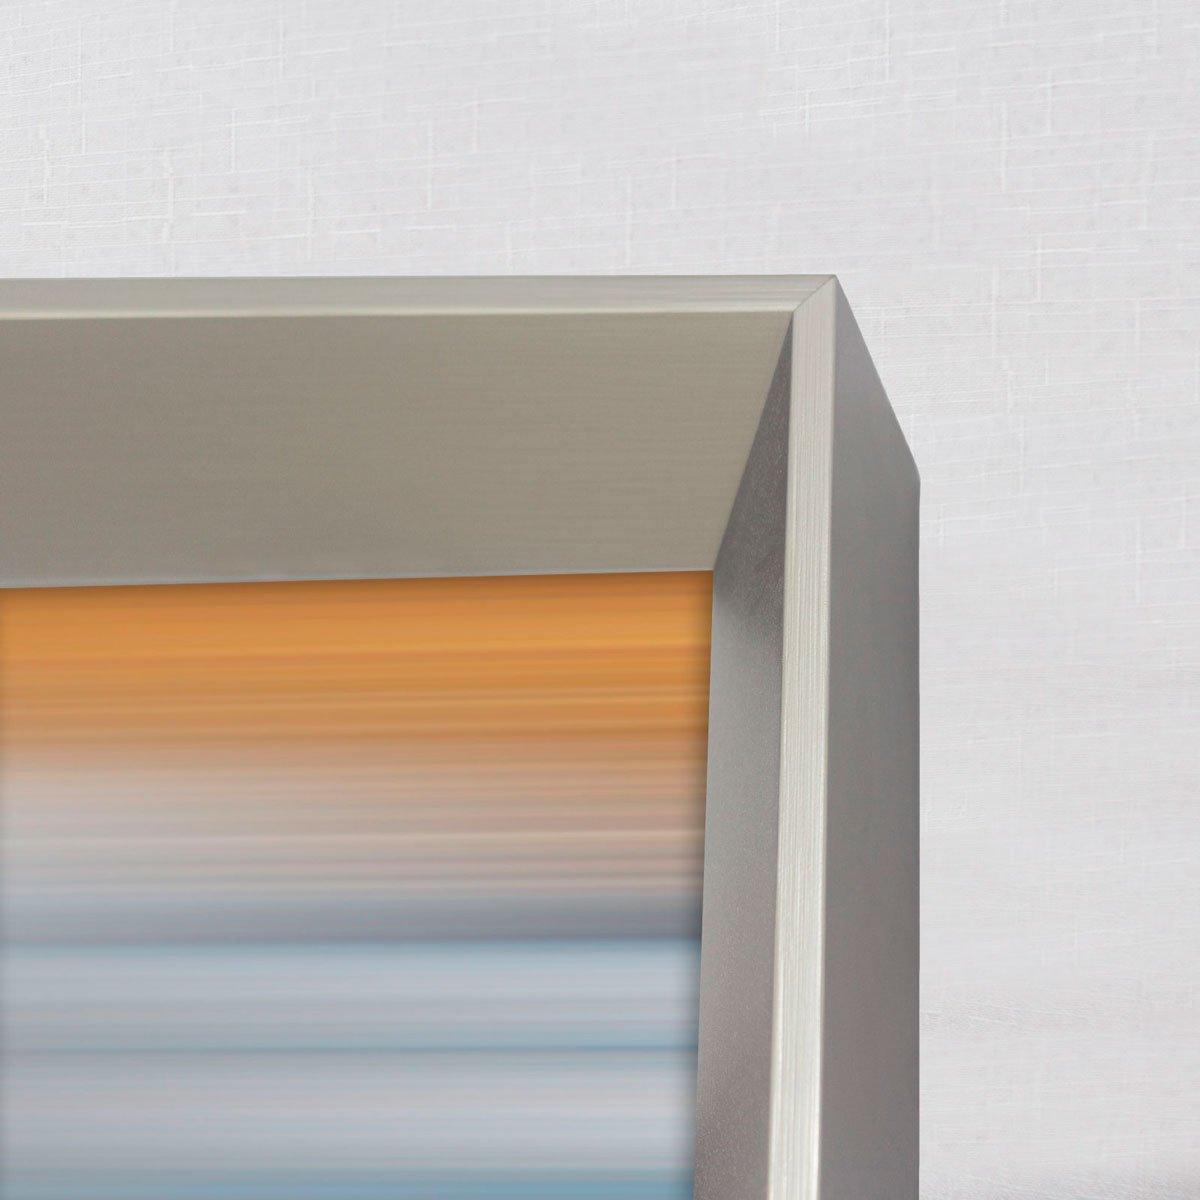 Foto com detalhes da moldura, com acabamento em prata escovado.